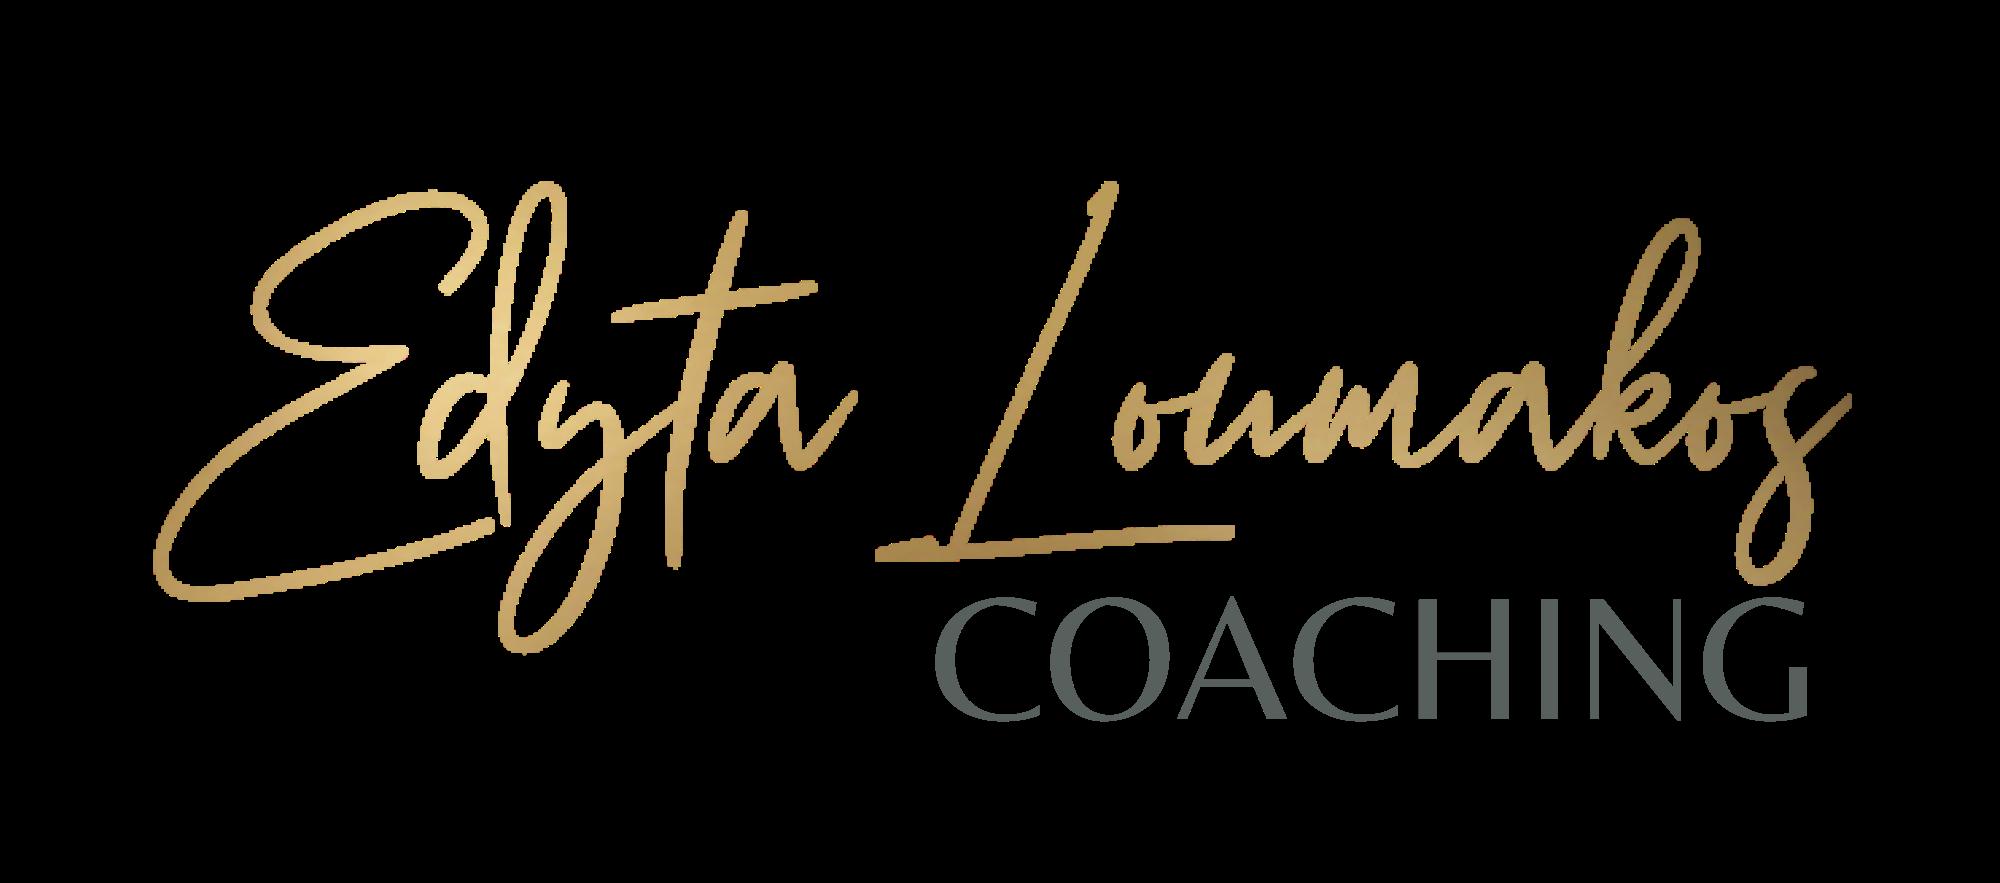 Edyta Loumakos Coaching